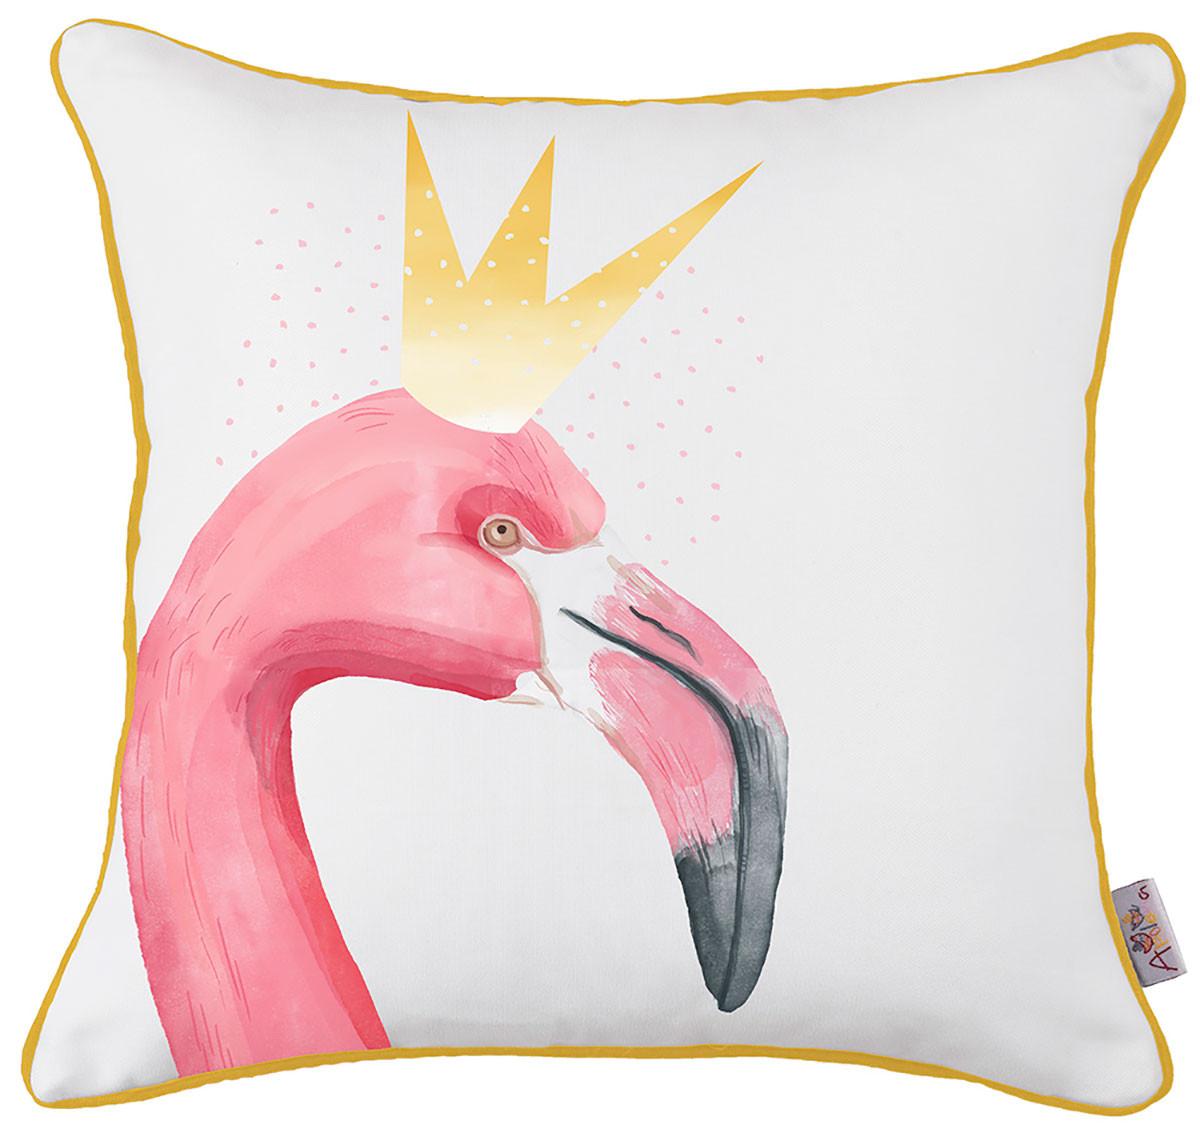 Διακοσμητική Μαξιλαροθήκη Apolena Flamingo Rose 702-5889/1